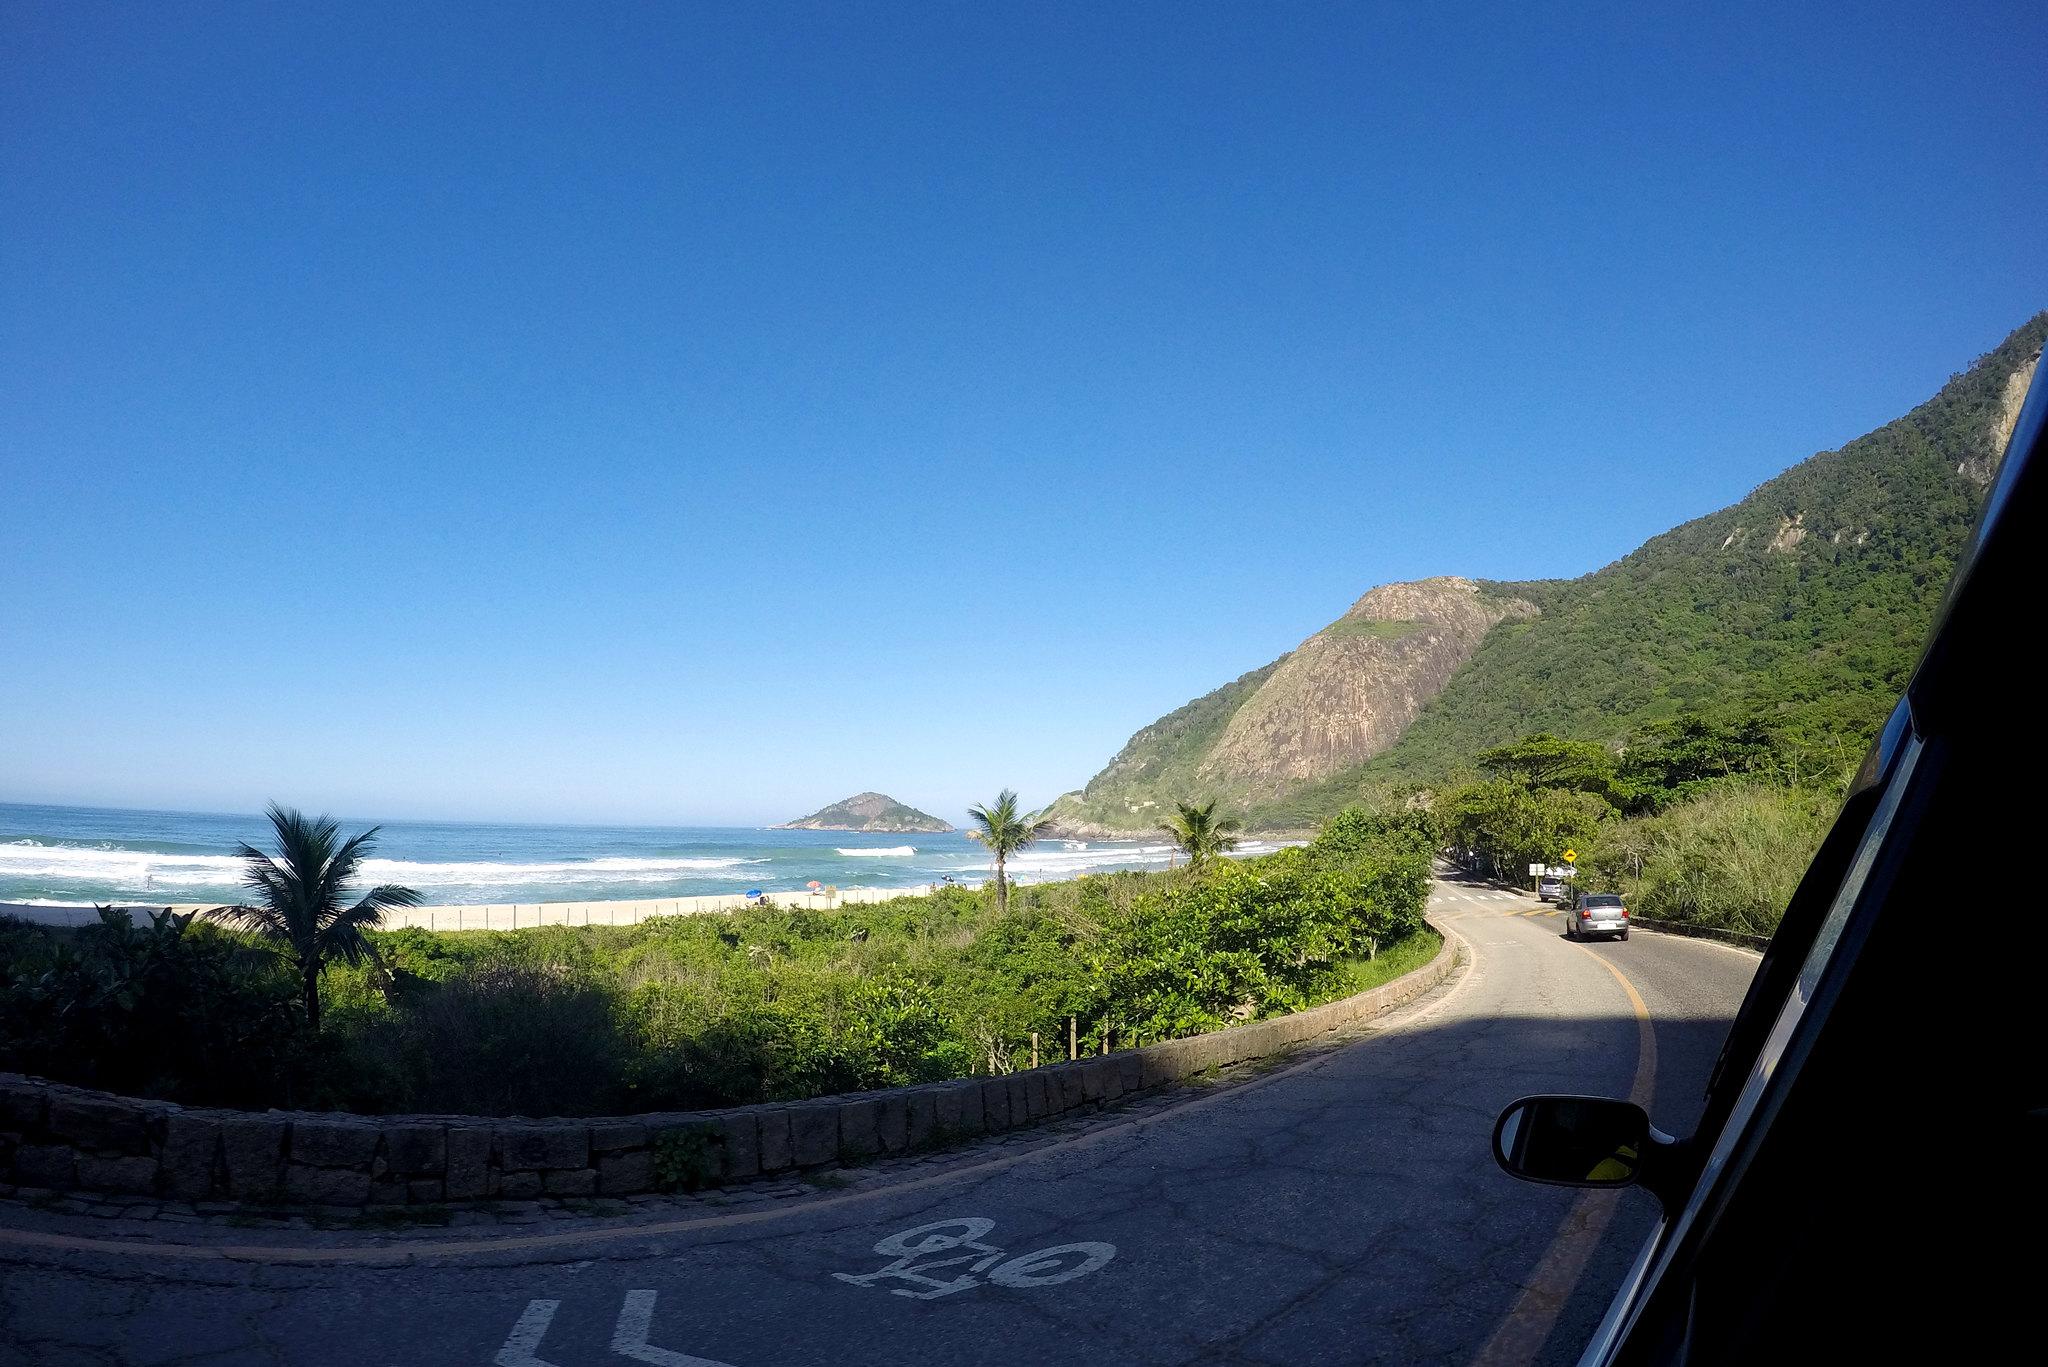 praias-zona-oeste20v2